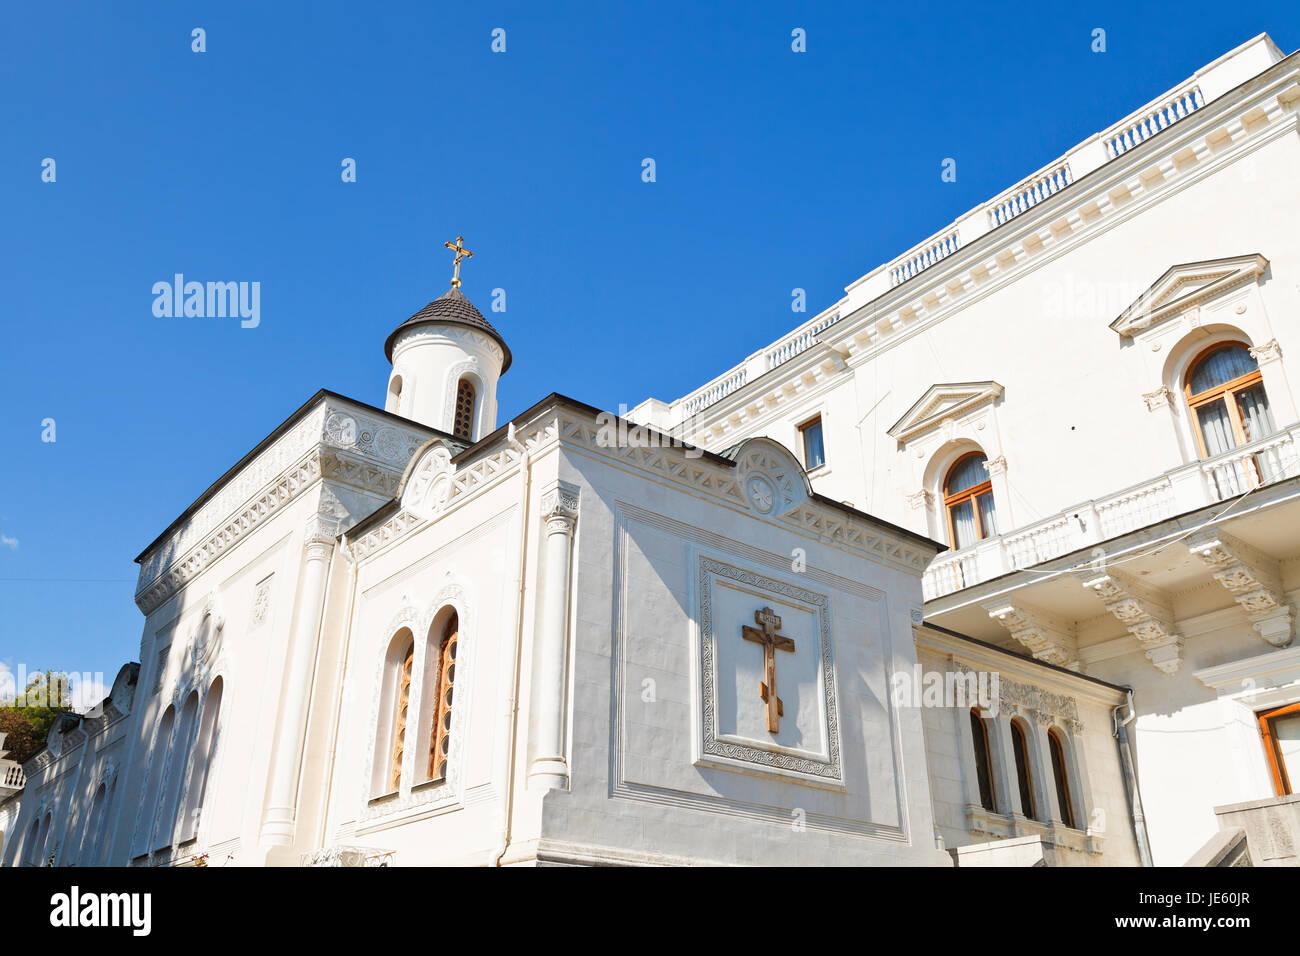 Cross Exaltation House (krestovozdvizhenskaya) Church of Livadiya Palace, Yalta - Stock Image